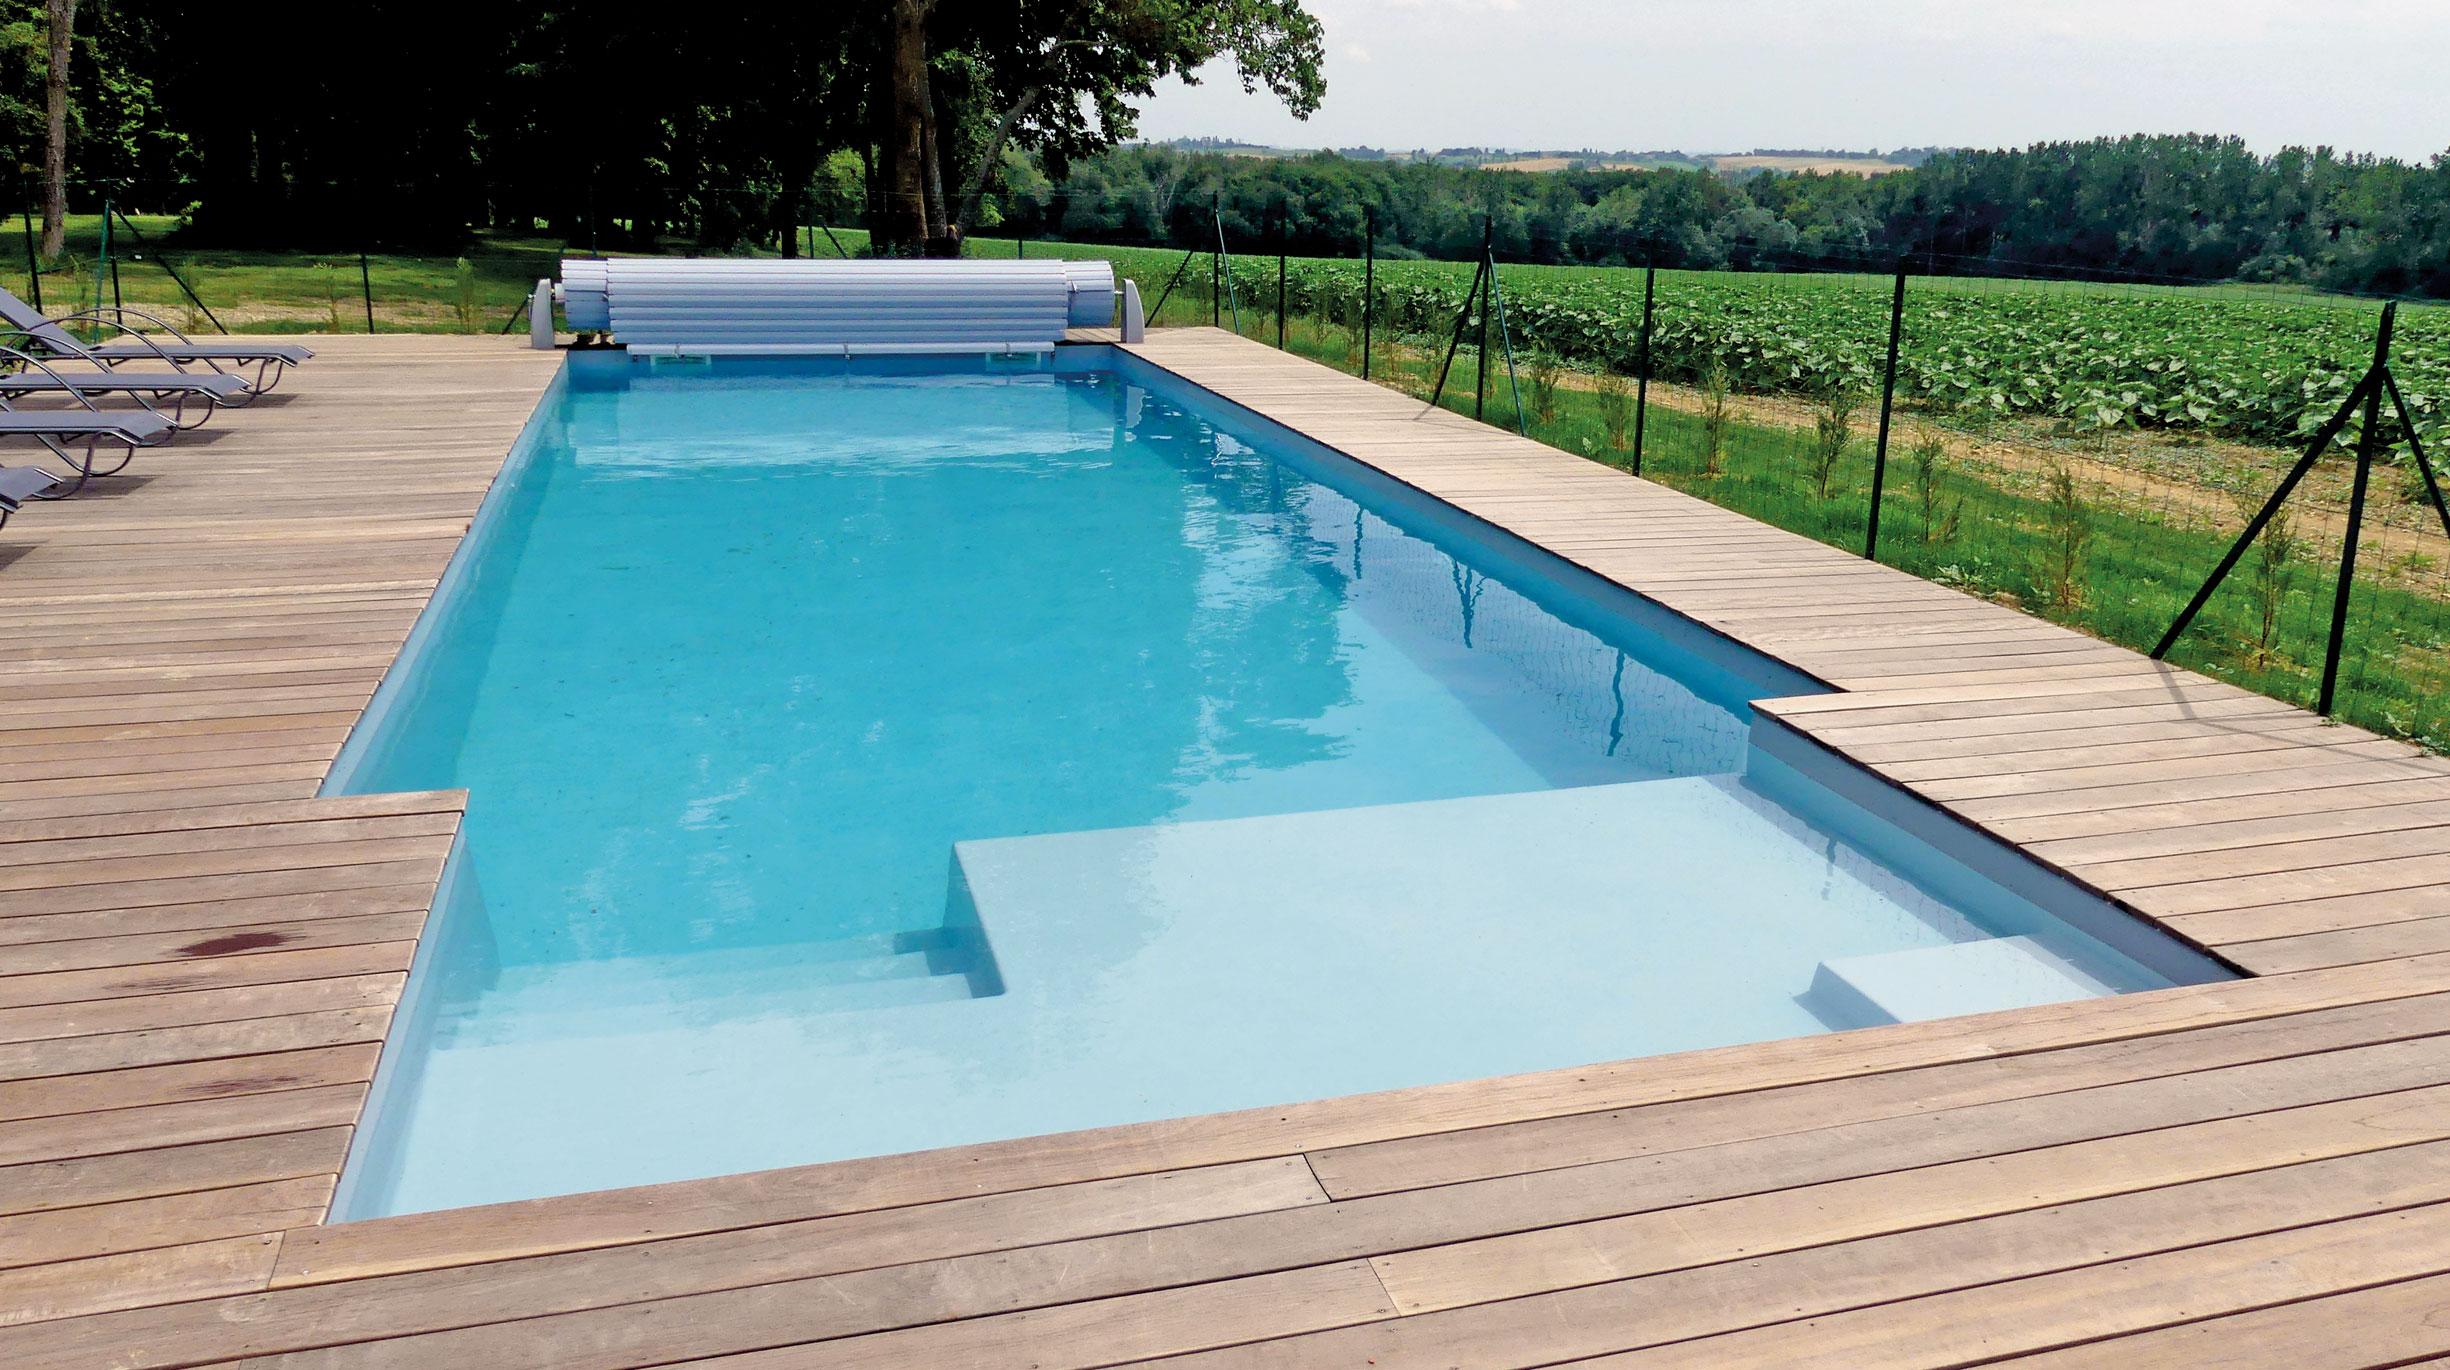 modele-port-pin-105-avec-escalier-plage Quel modèle de piscine à coque, pour quelle utilisation ?